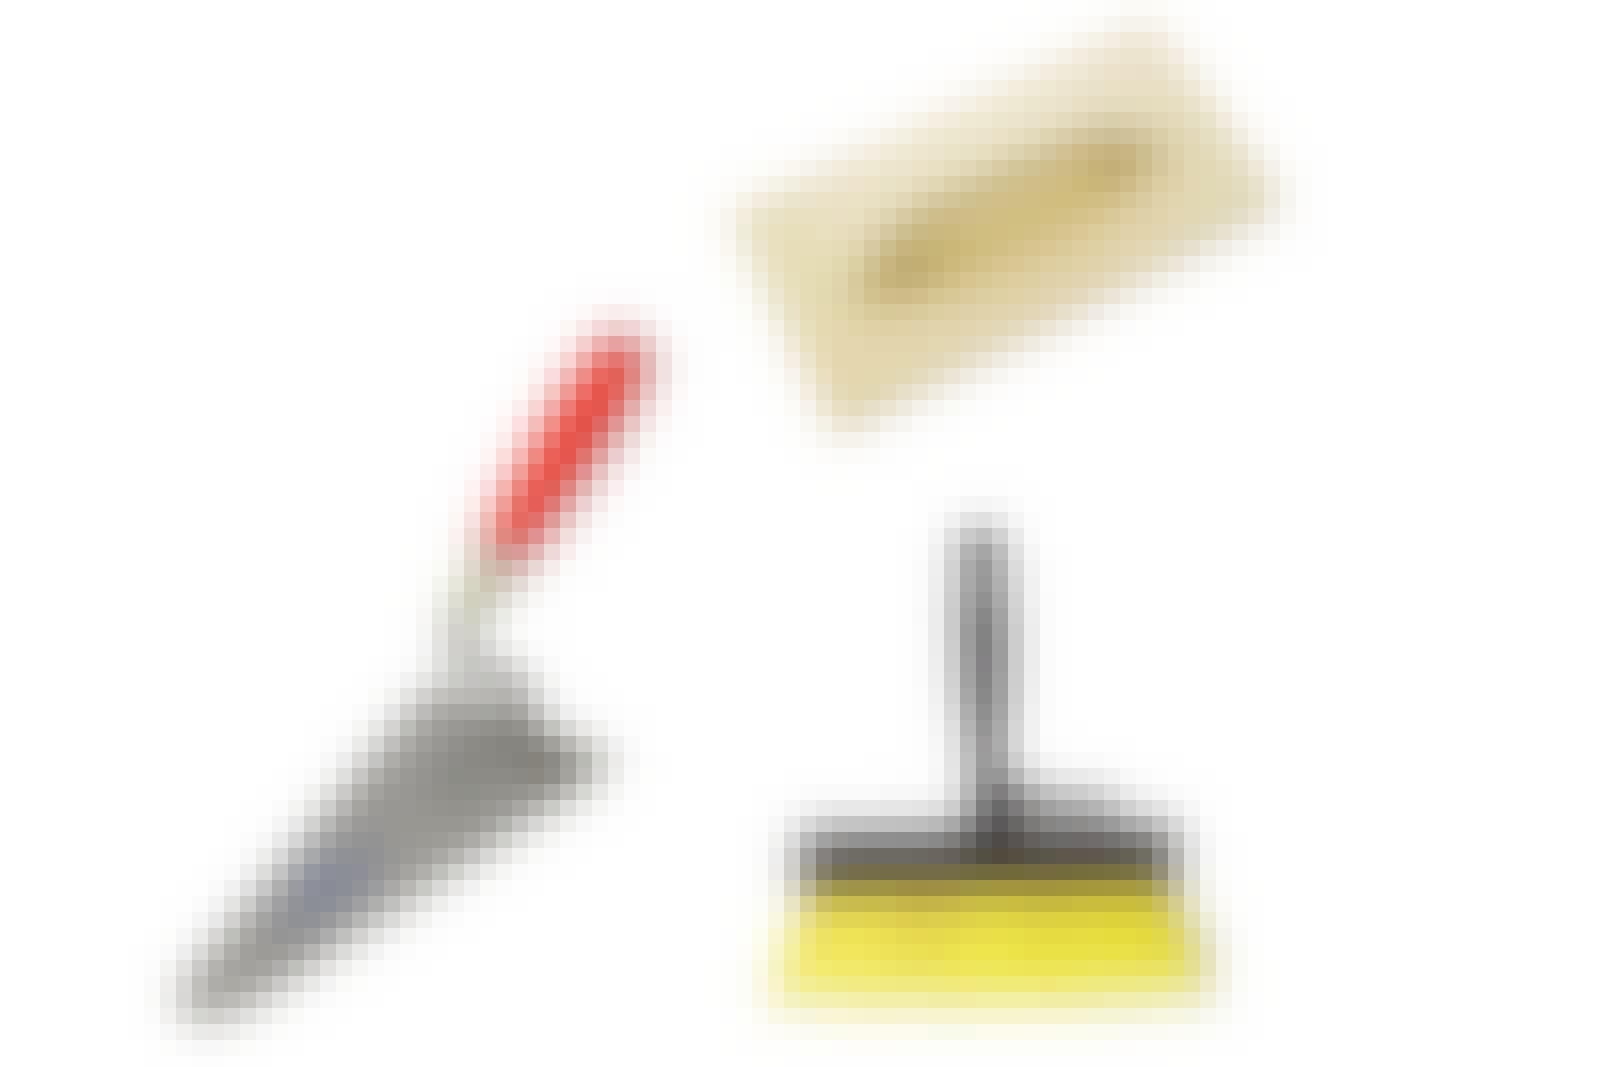 Sokkelin nurkan korjaaminen: Tyokalut